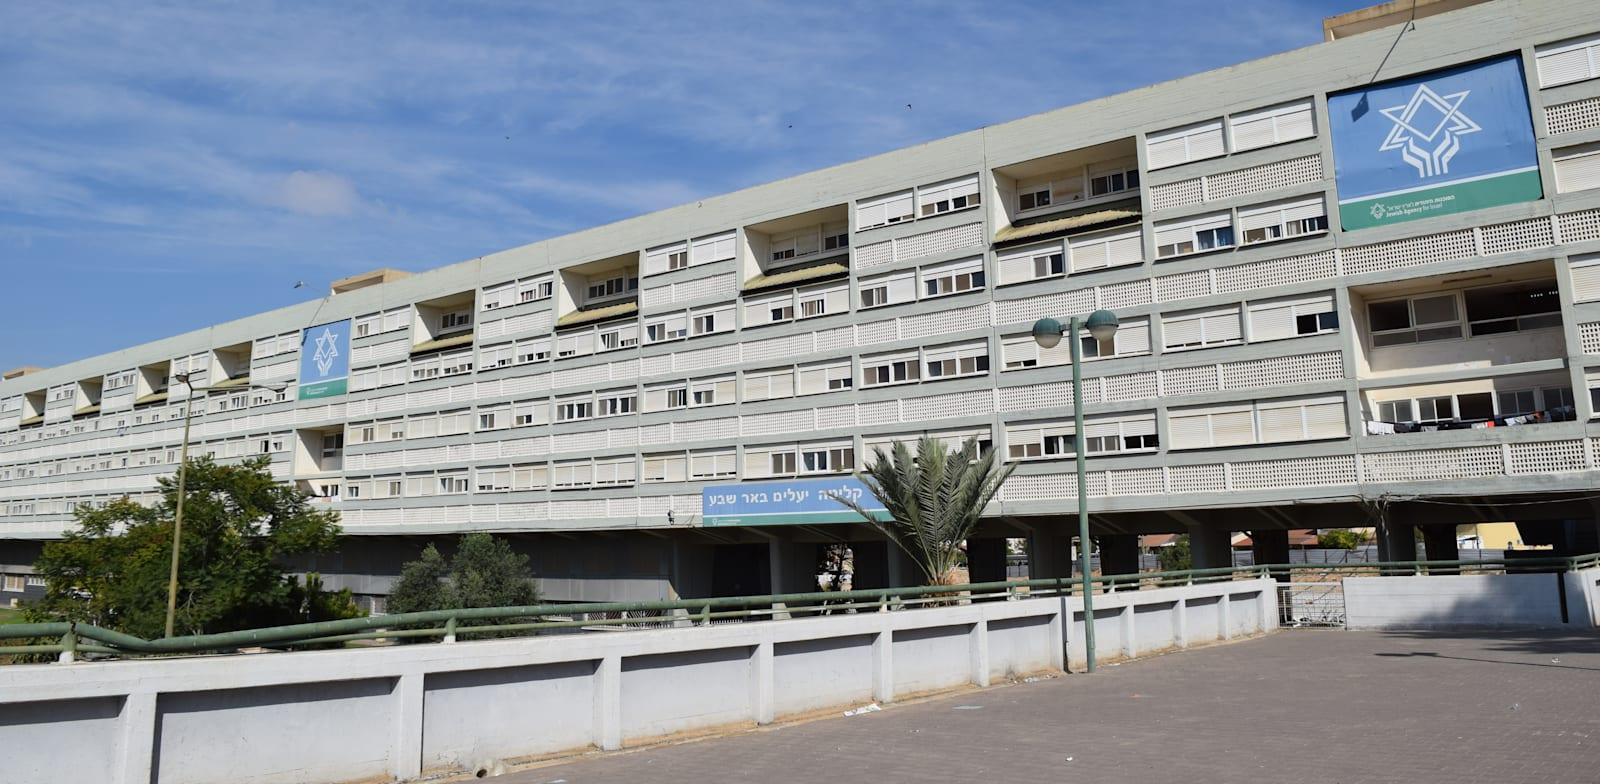 בניין רבע הקילומטר בבאר שבע / צילום: בר - אל